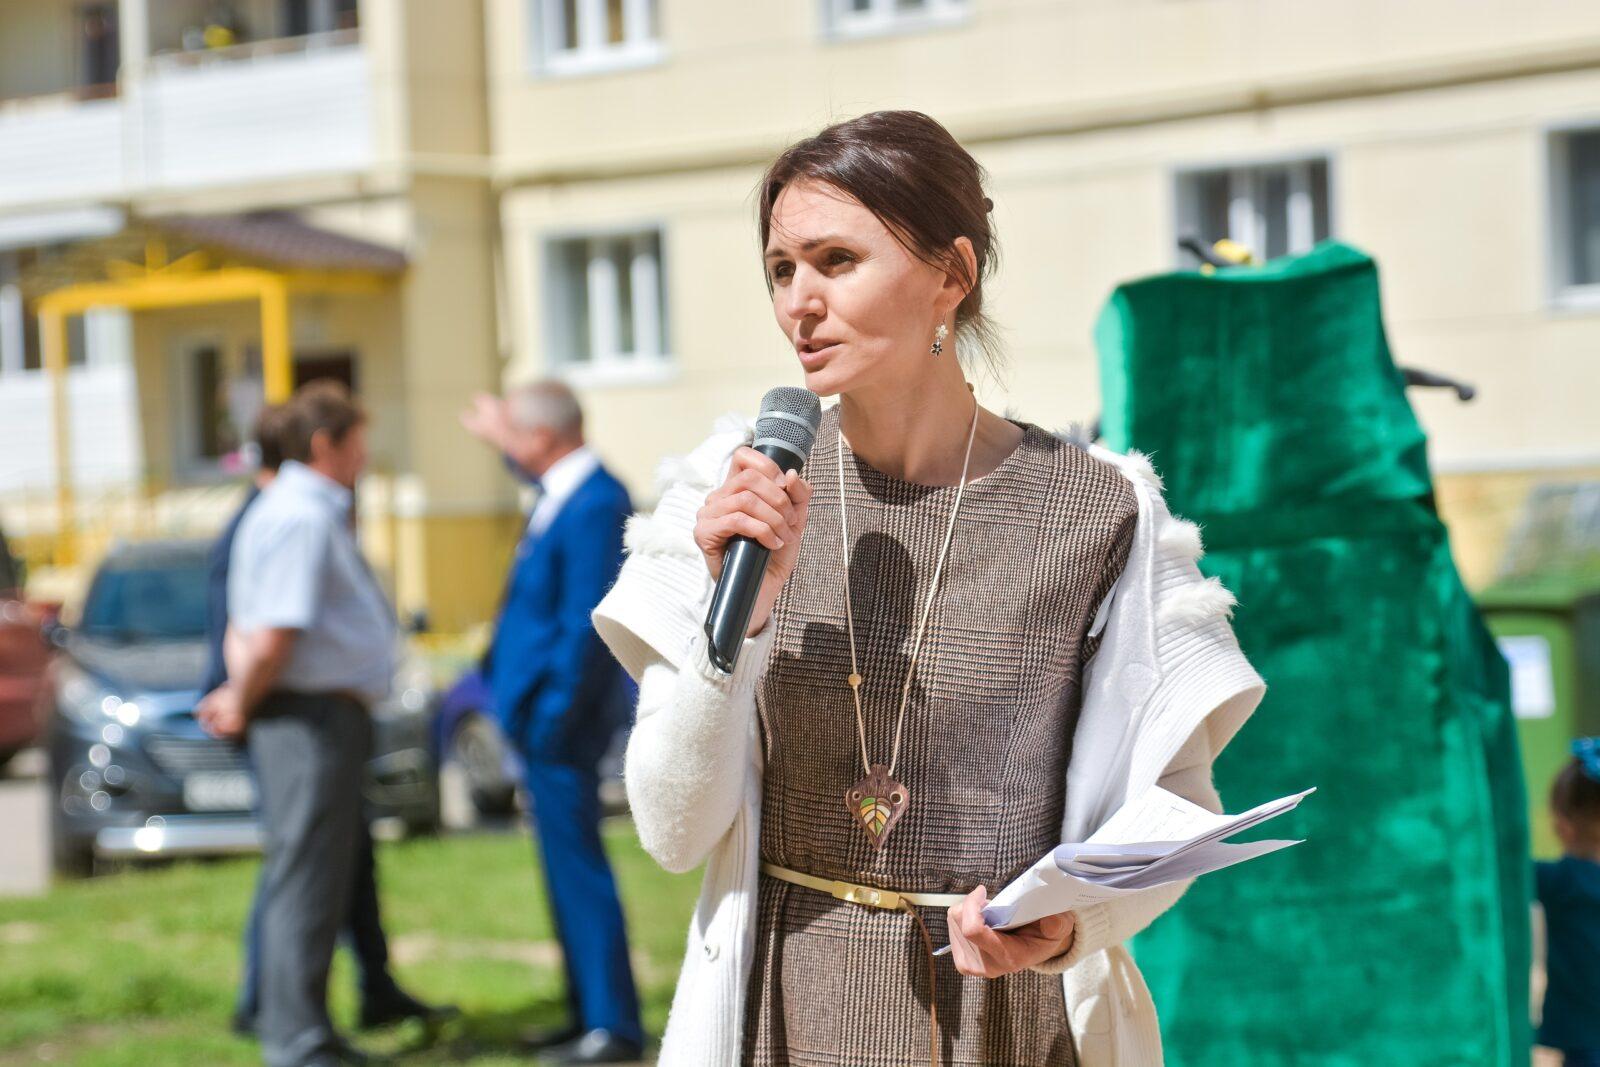 Диана Головченко: Пассажирские перевозки должны находиться под государственным крылом